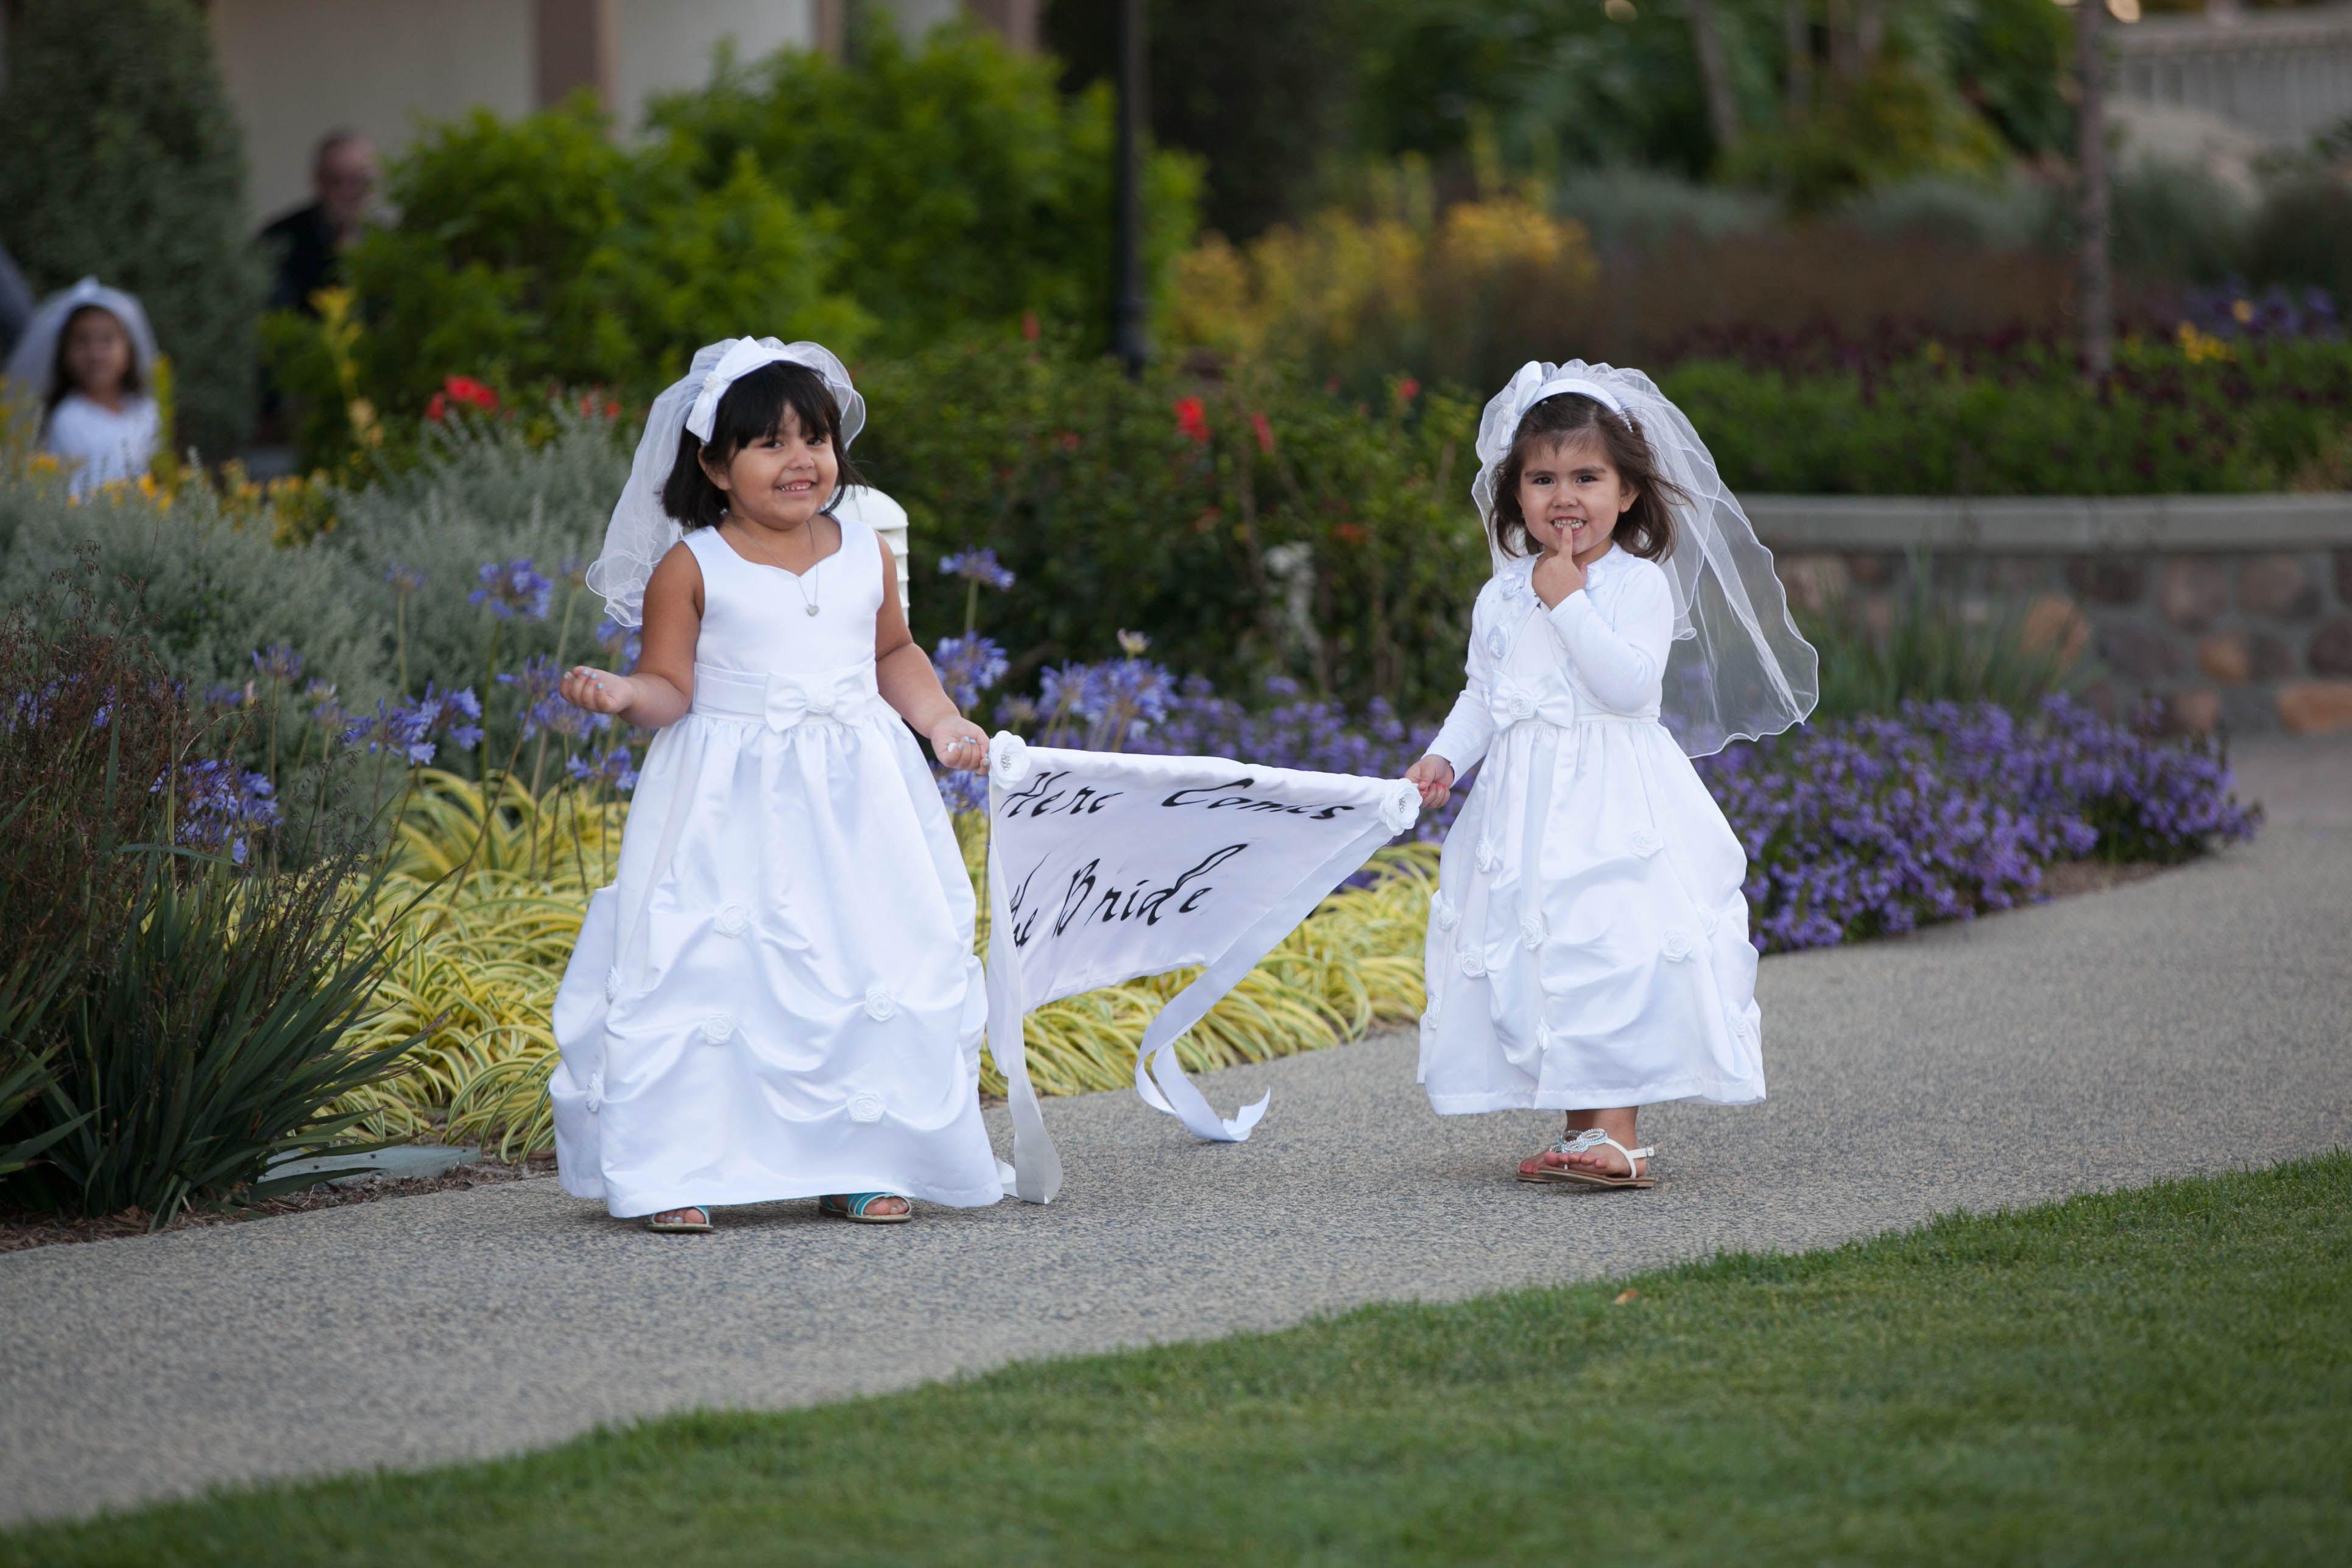 Rent your wedding dress  will the lil flower girls keep going  Beach wedding  Pinterest